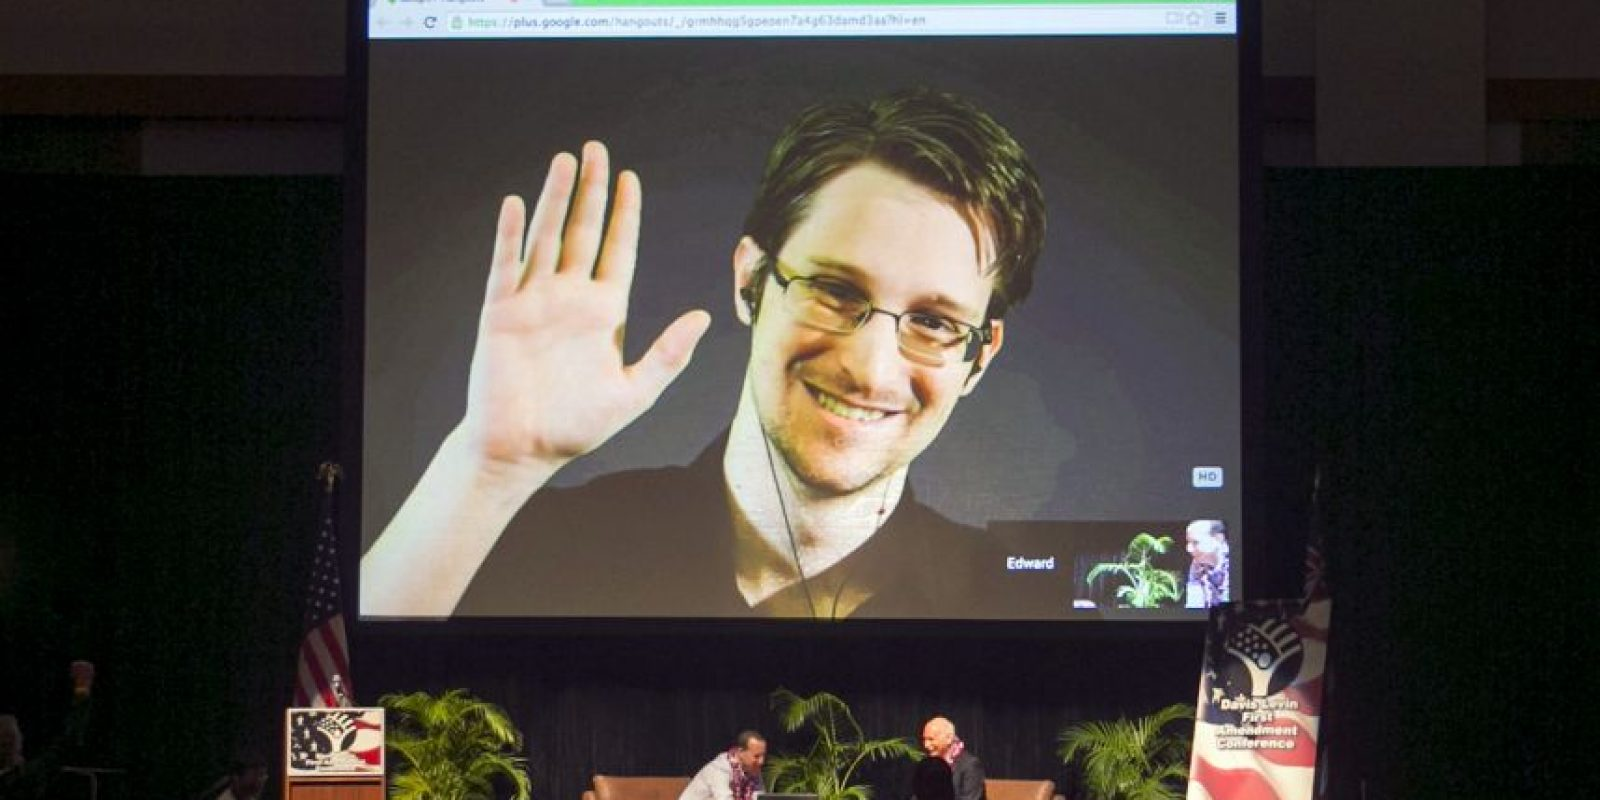 Por haber revelado información confidencial de las agencias algunos lo califican de traidor y otros de héroe Foto:AP